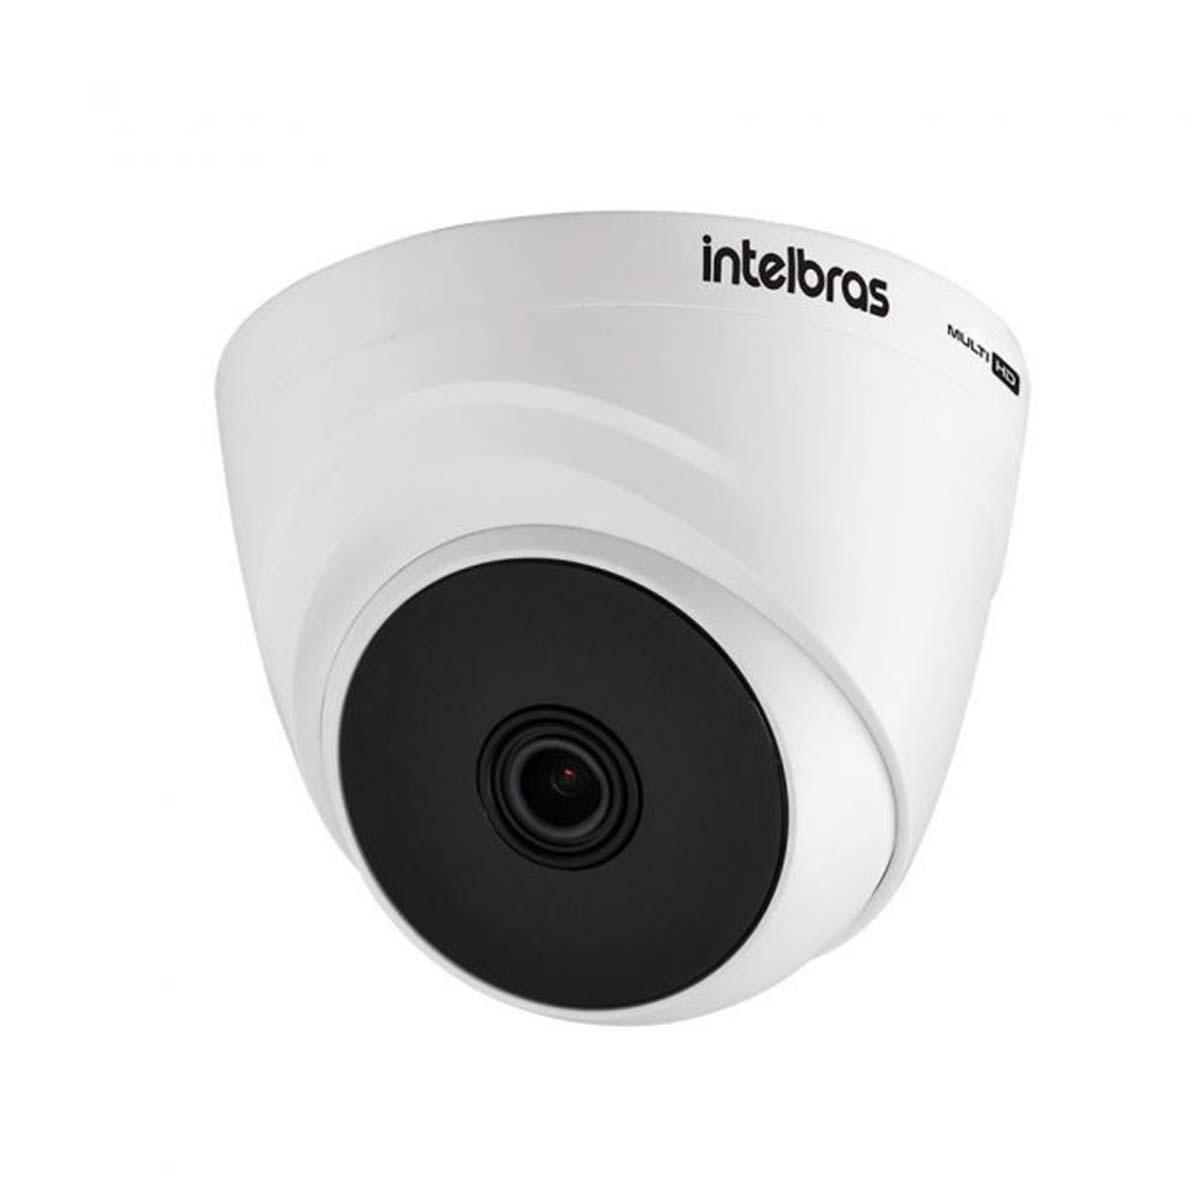 Kit 04 Câmera Dome Intelbras Vhd 1120 D G6 720p 2,8mm